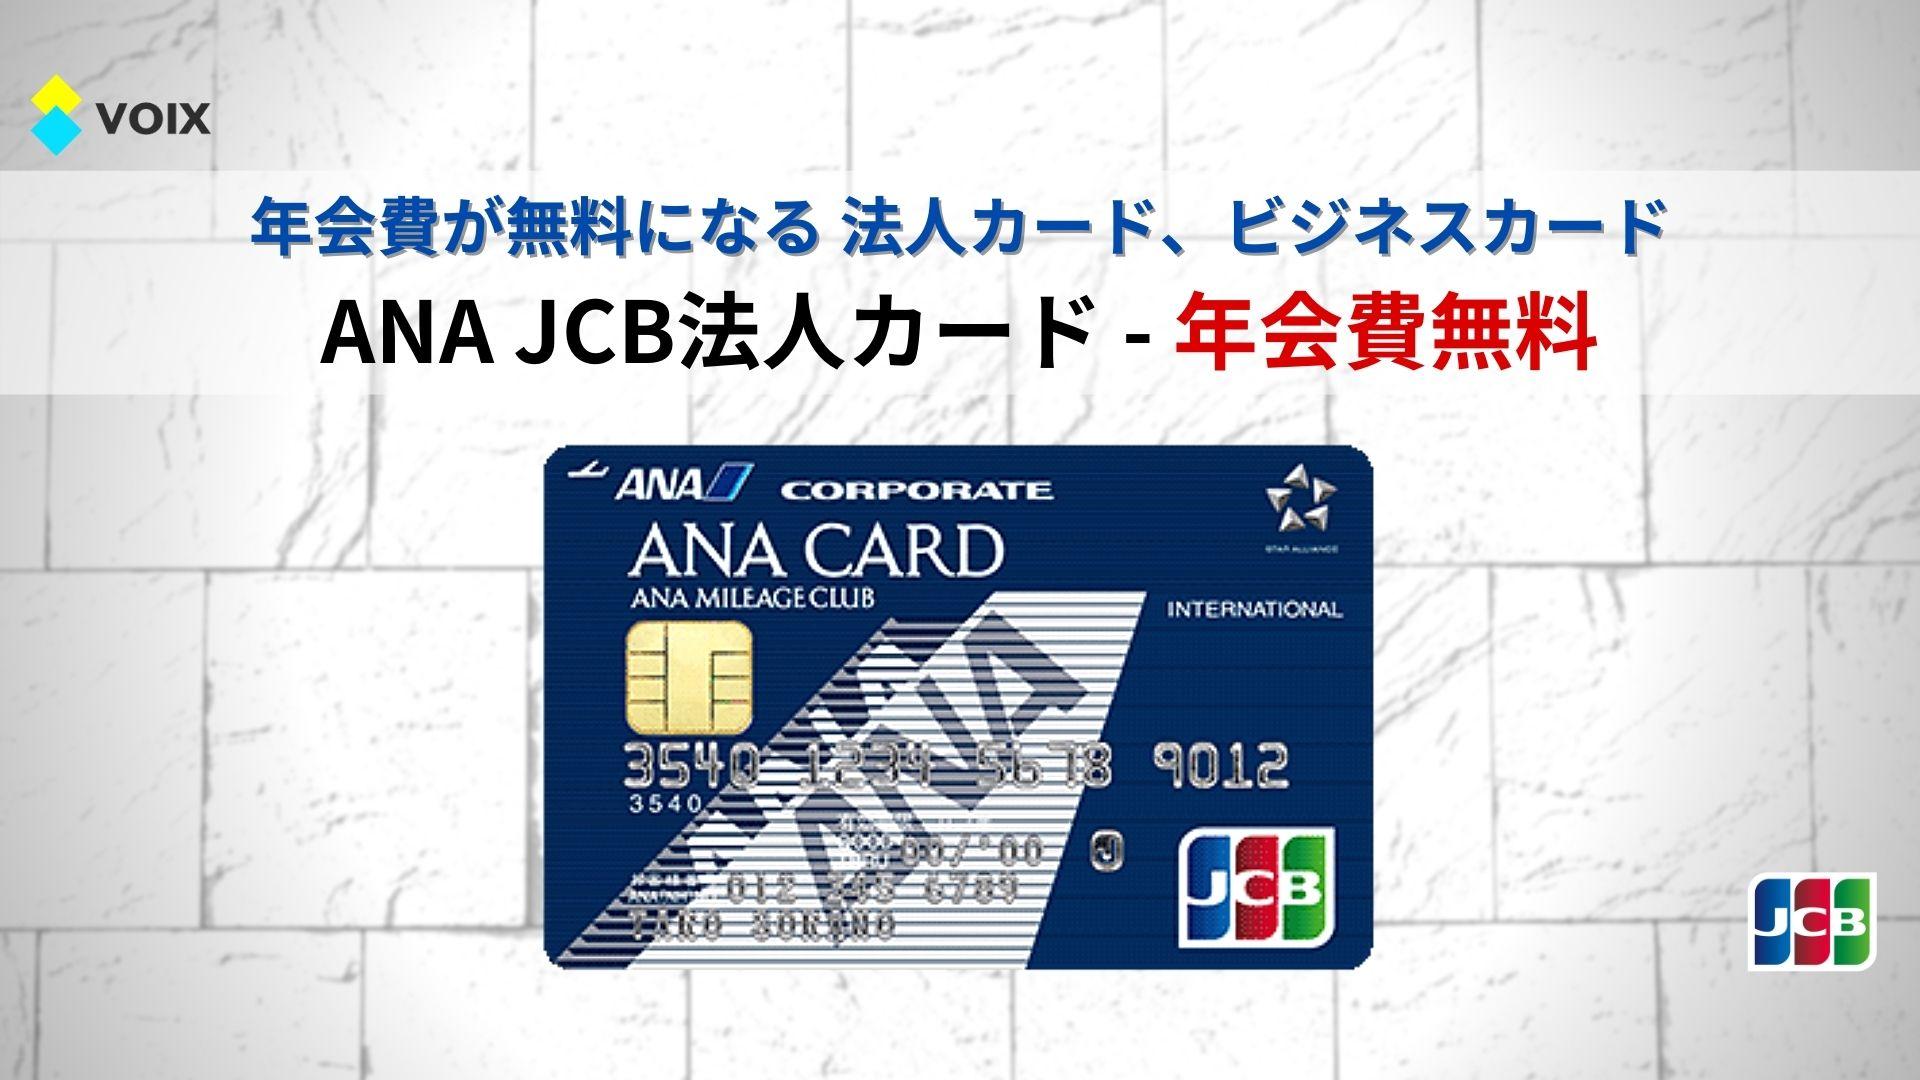 ANA JCB法人カード - メリット、年会費、限度額、審査、ETC、特典、締め日 など詳しく解説